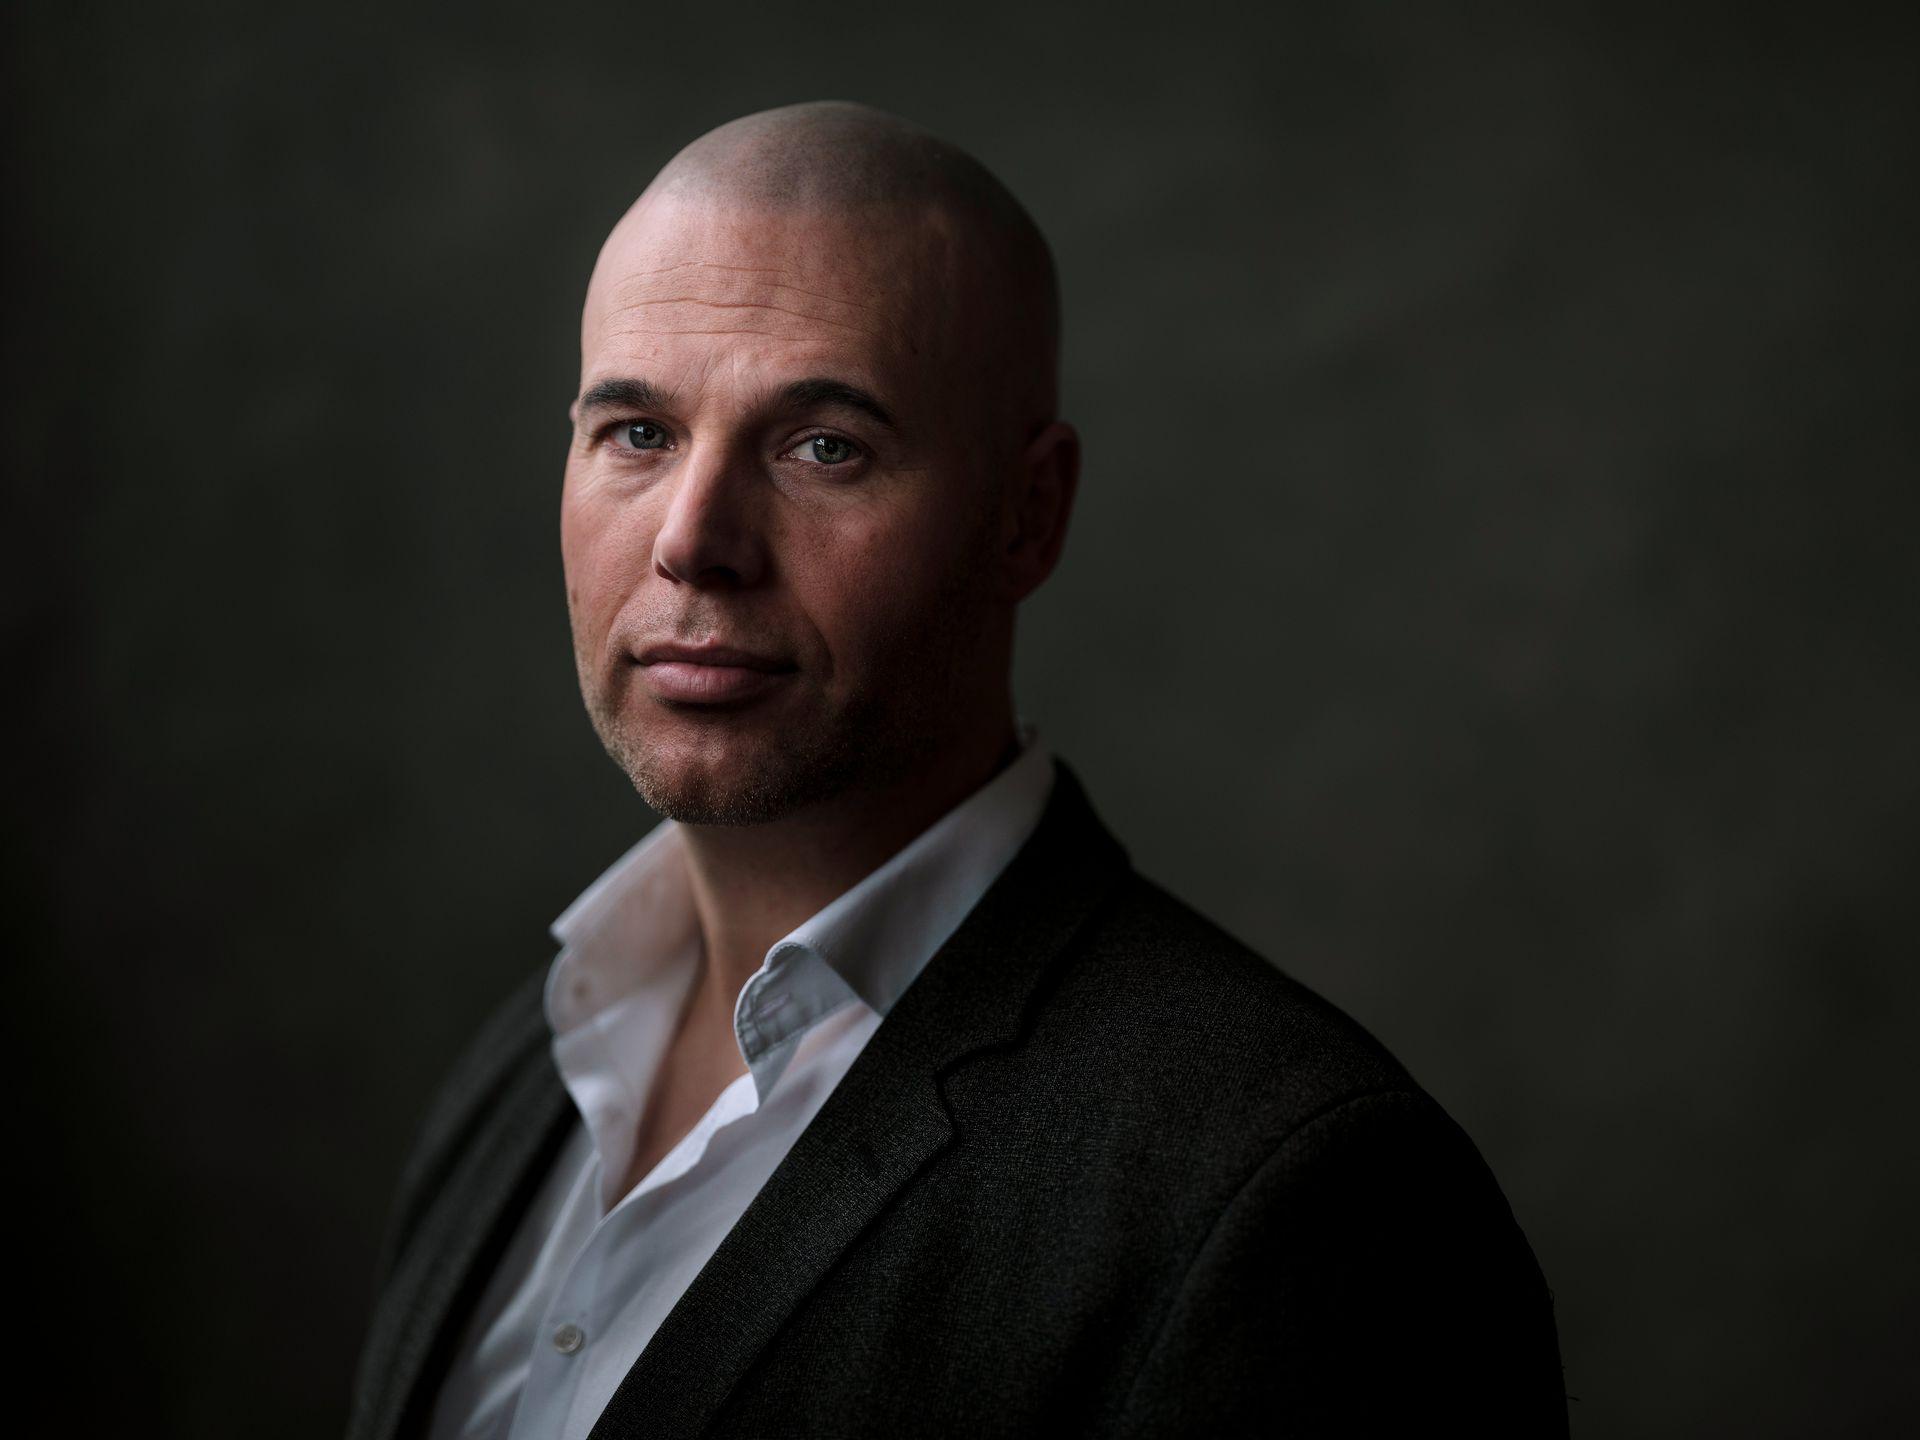 Joram van Klaveren, ex miembro del partido holandés de extrema derecha, Partido por la libertad, anunció el lunes que se ha convertido al Islam.